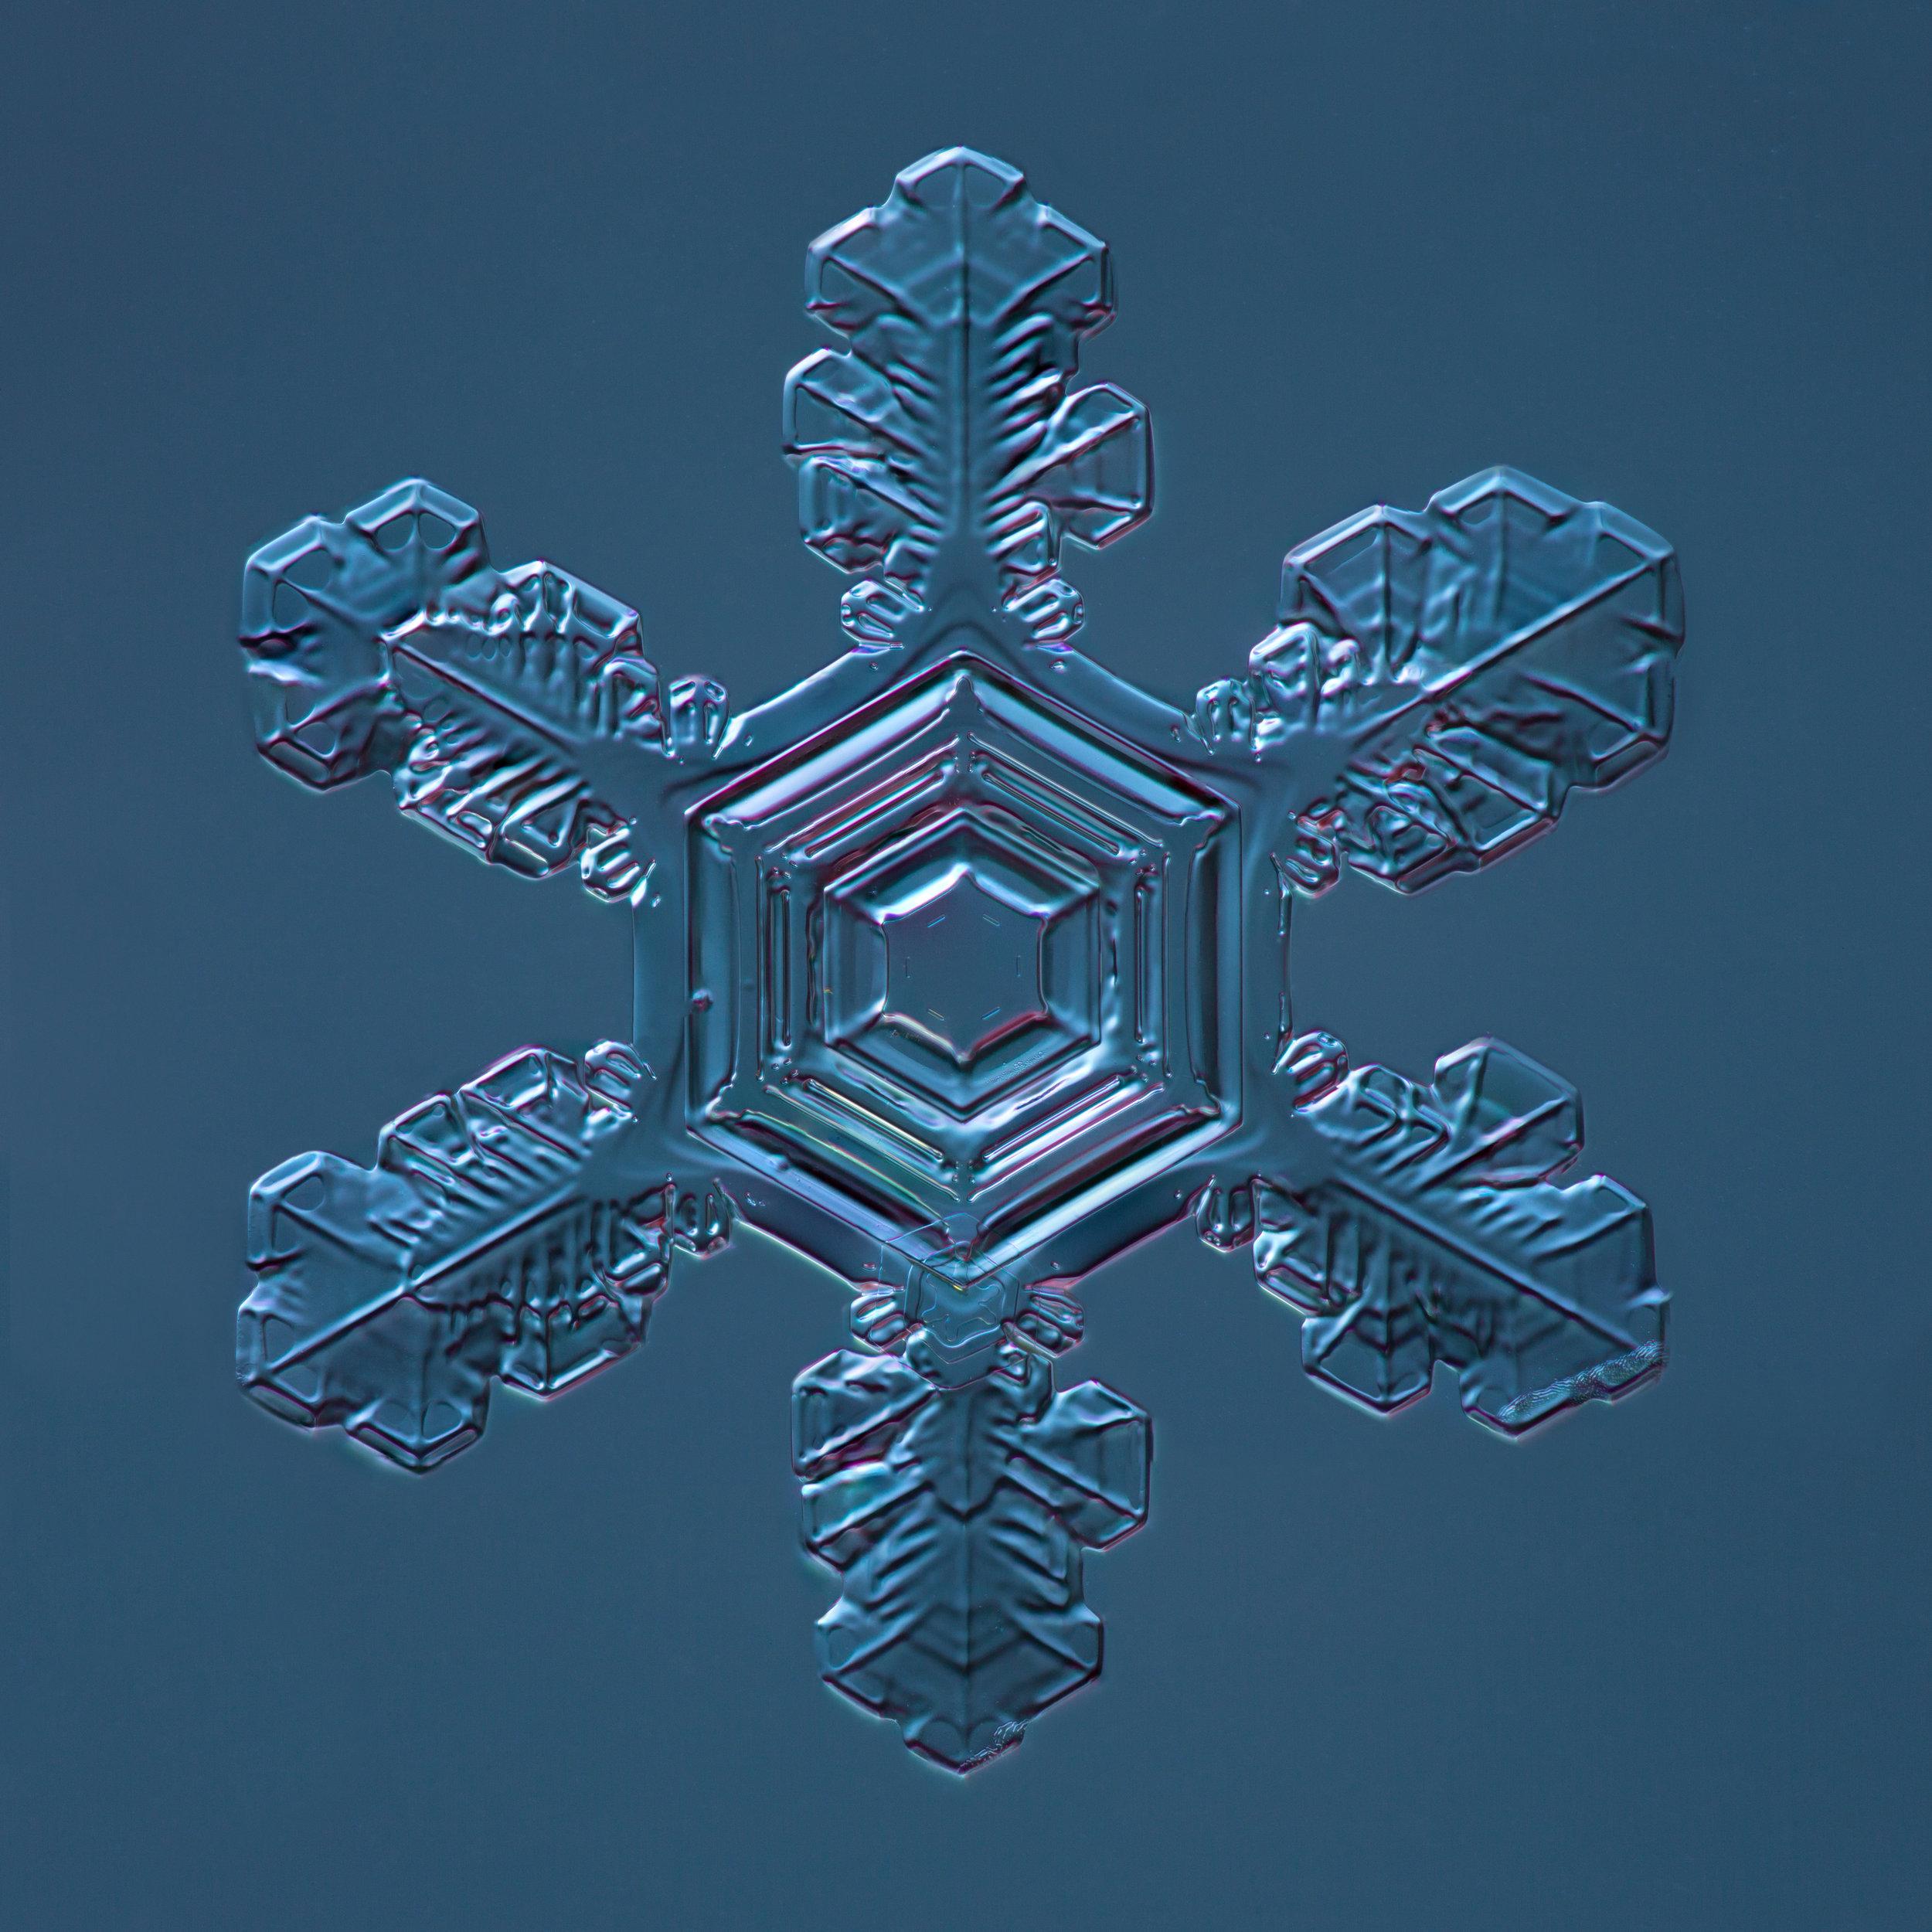 Snowflake 2015.02.04.001.JPG